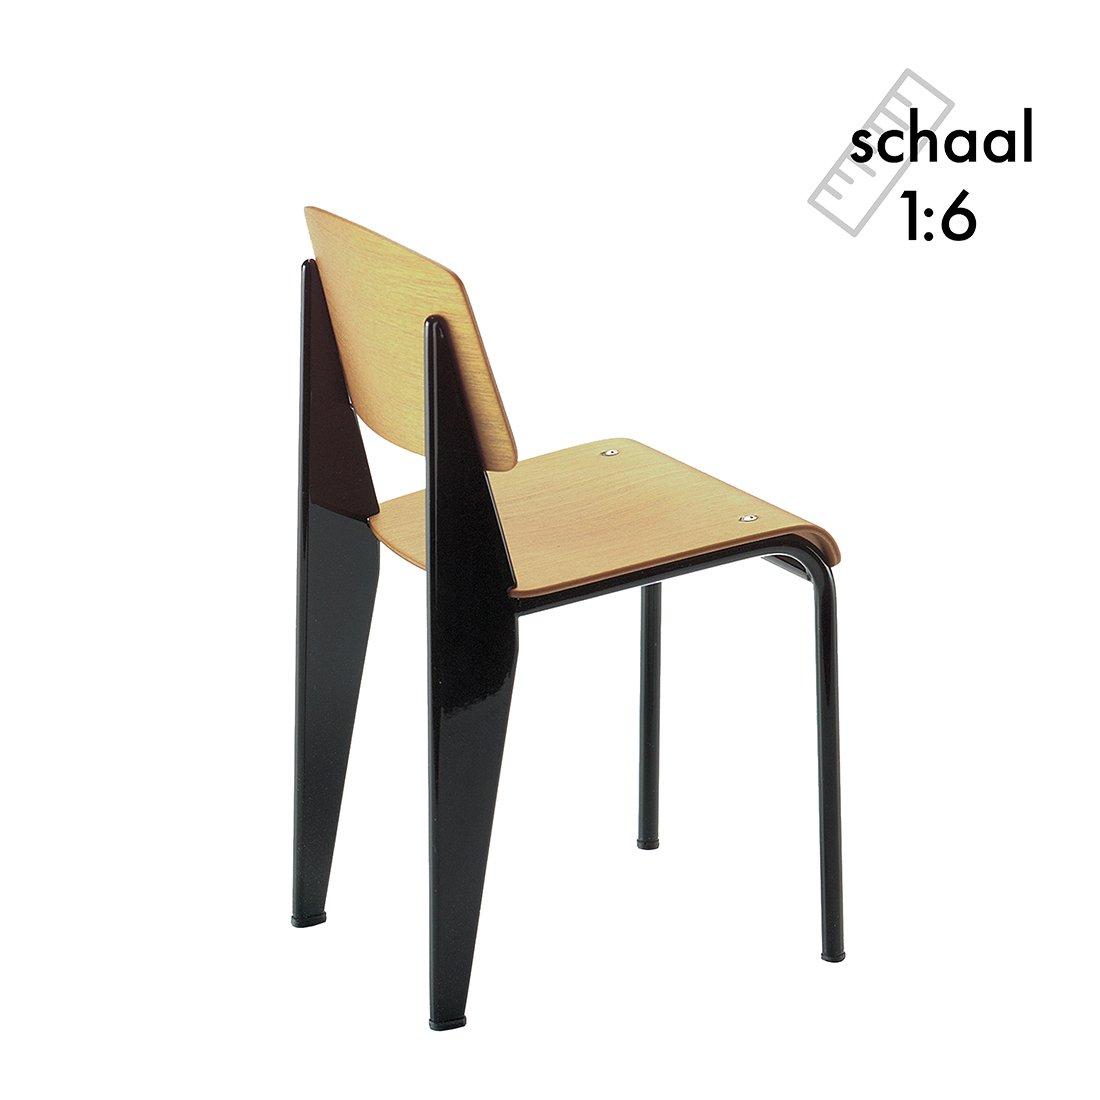 Standard Chair Miniatuur - Vitra